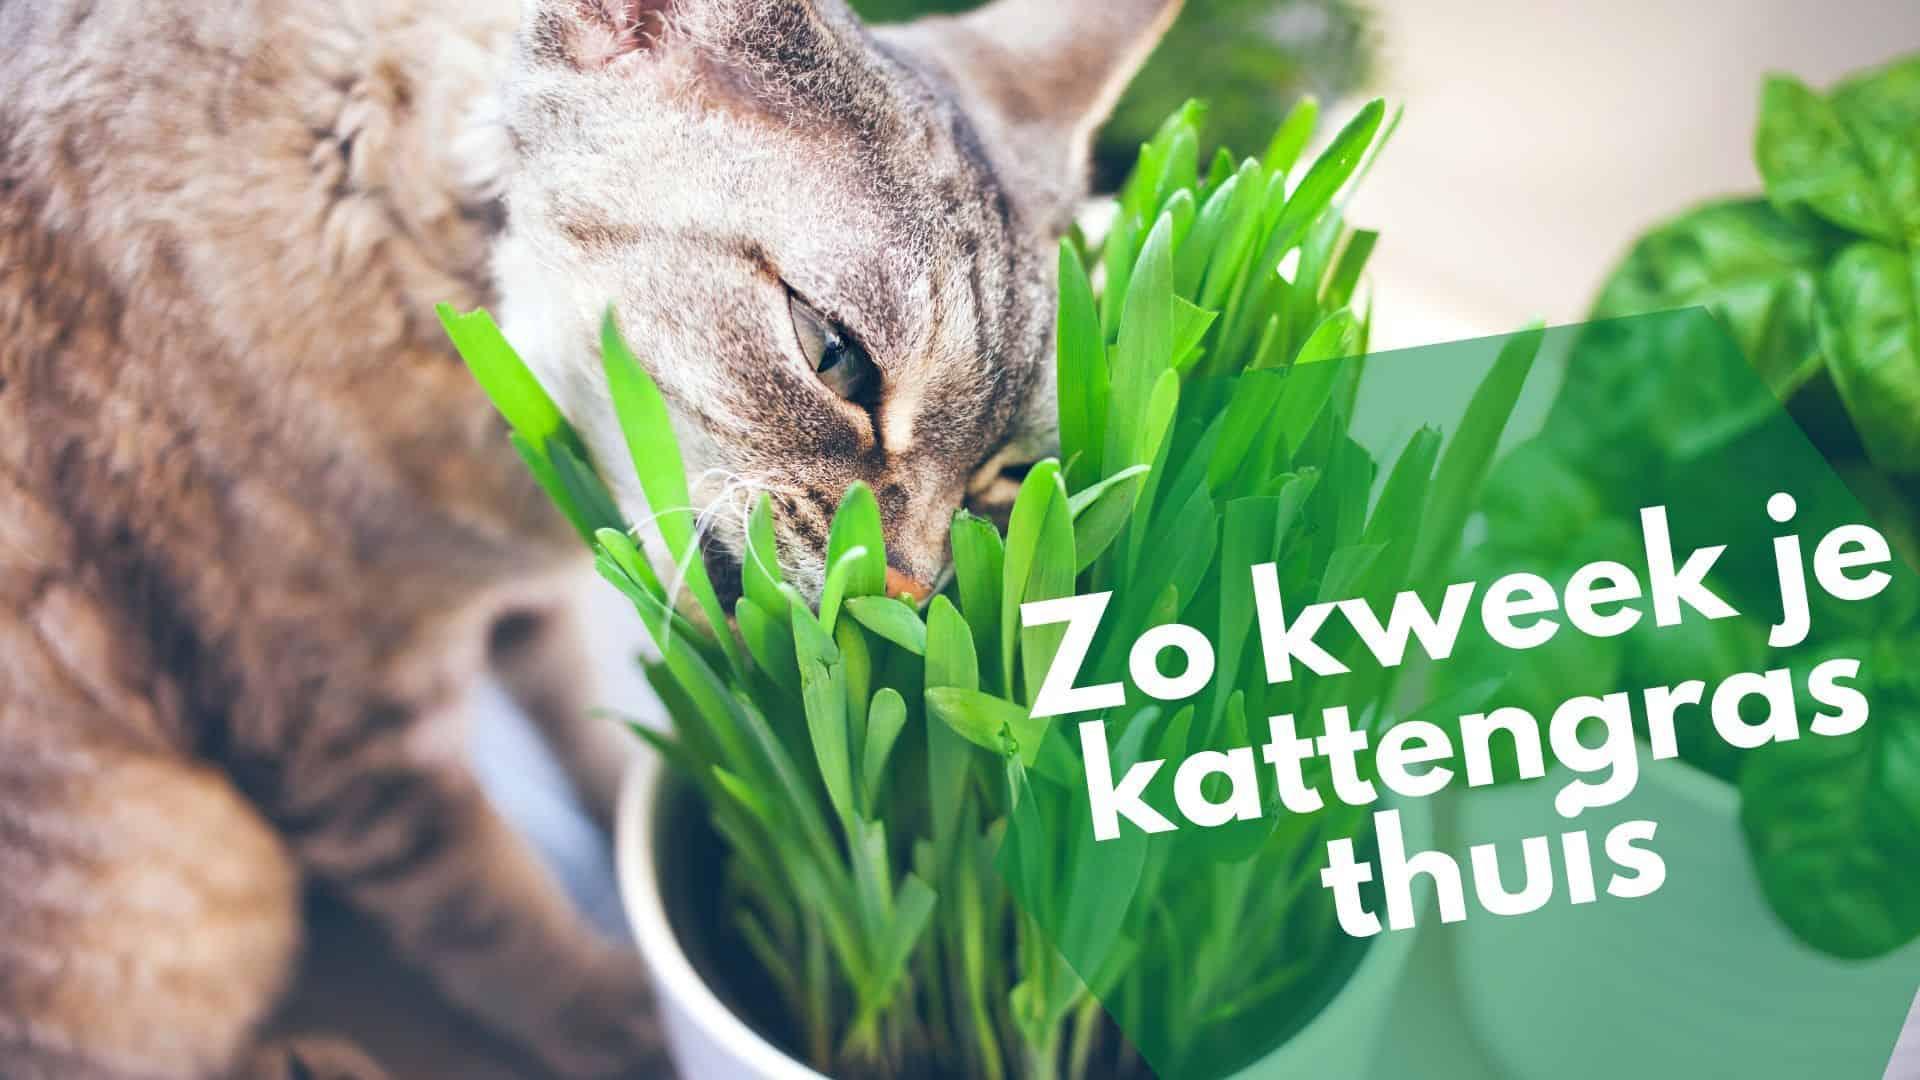 Altijd al kattengras binnen willen kweken? Lees onze tips